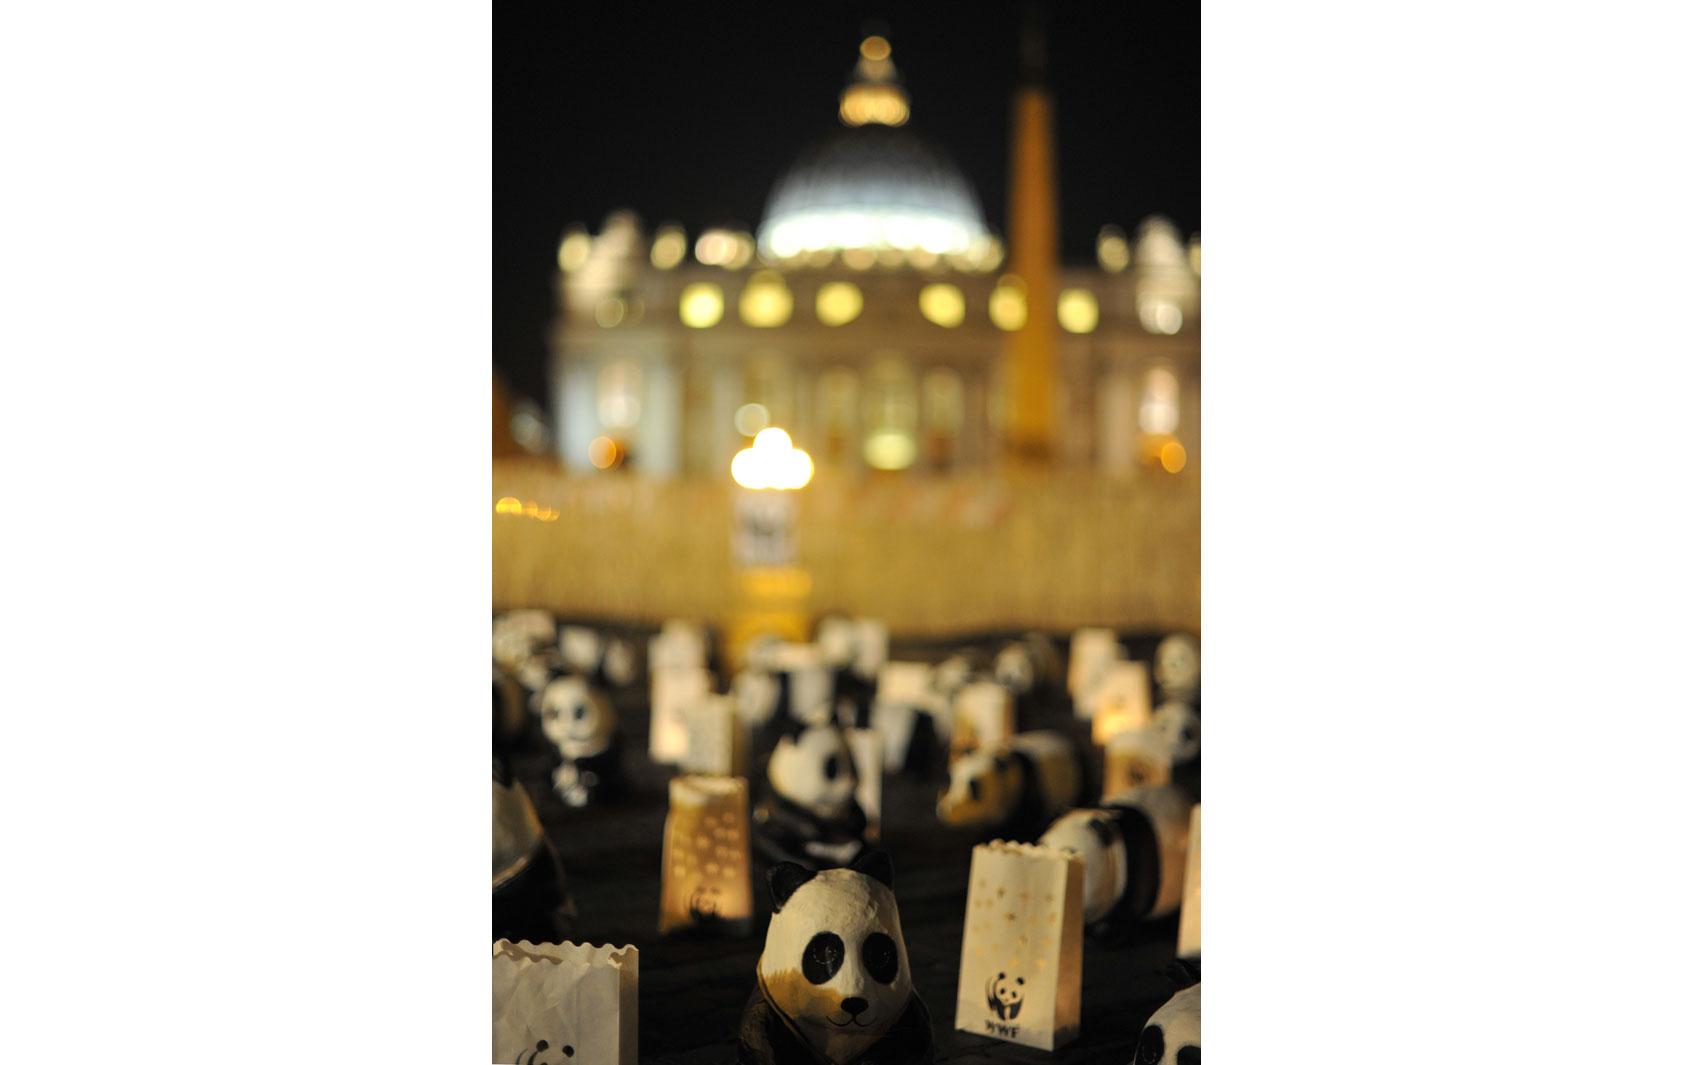 Ativistas da World Wide Fund (WWF) trazem 'pandas' à Praça São Pedro, no Vaticano, neste sábado (29) pela Hora do Planeta.